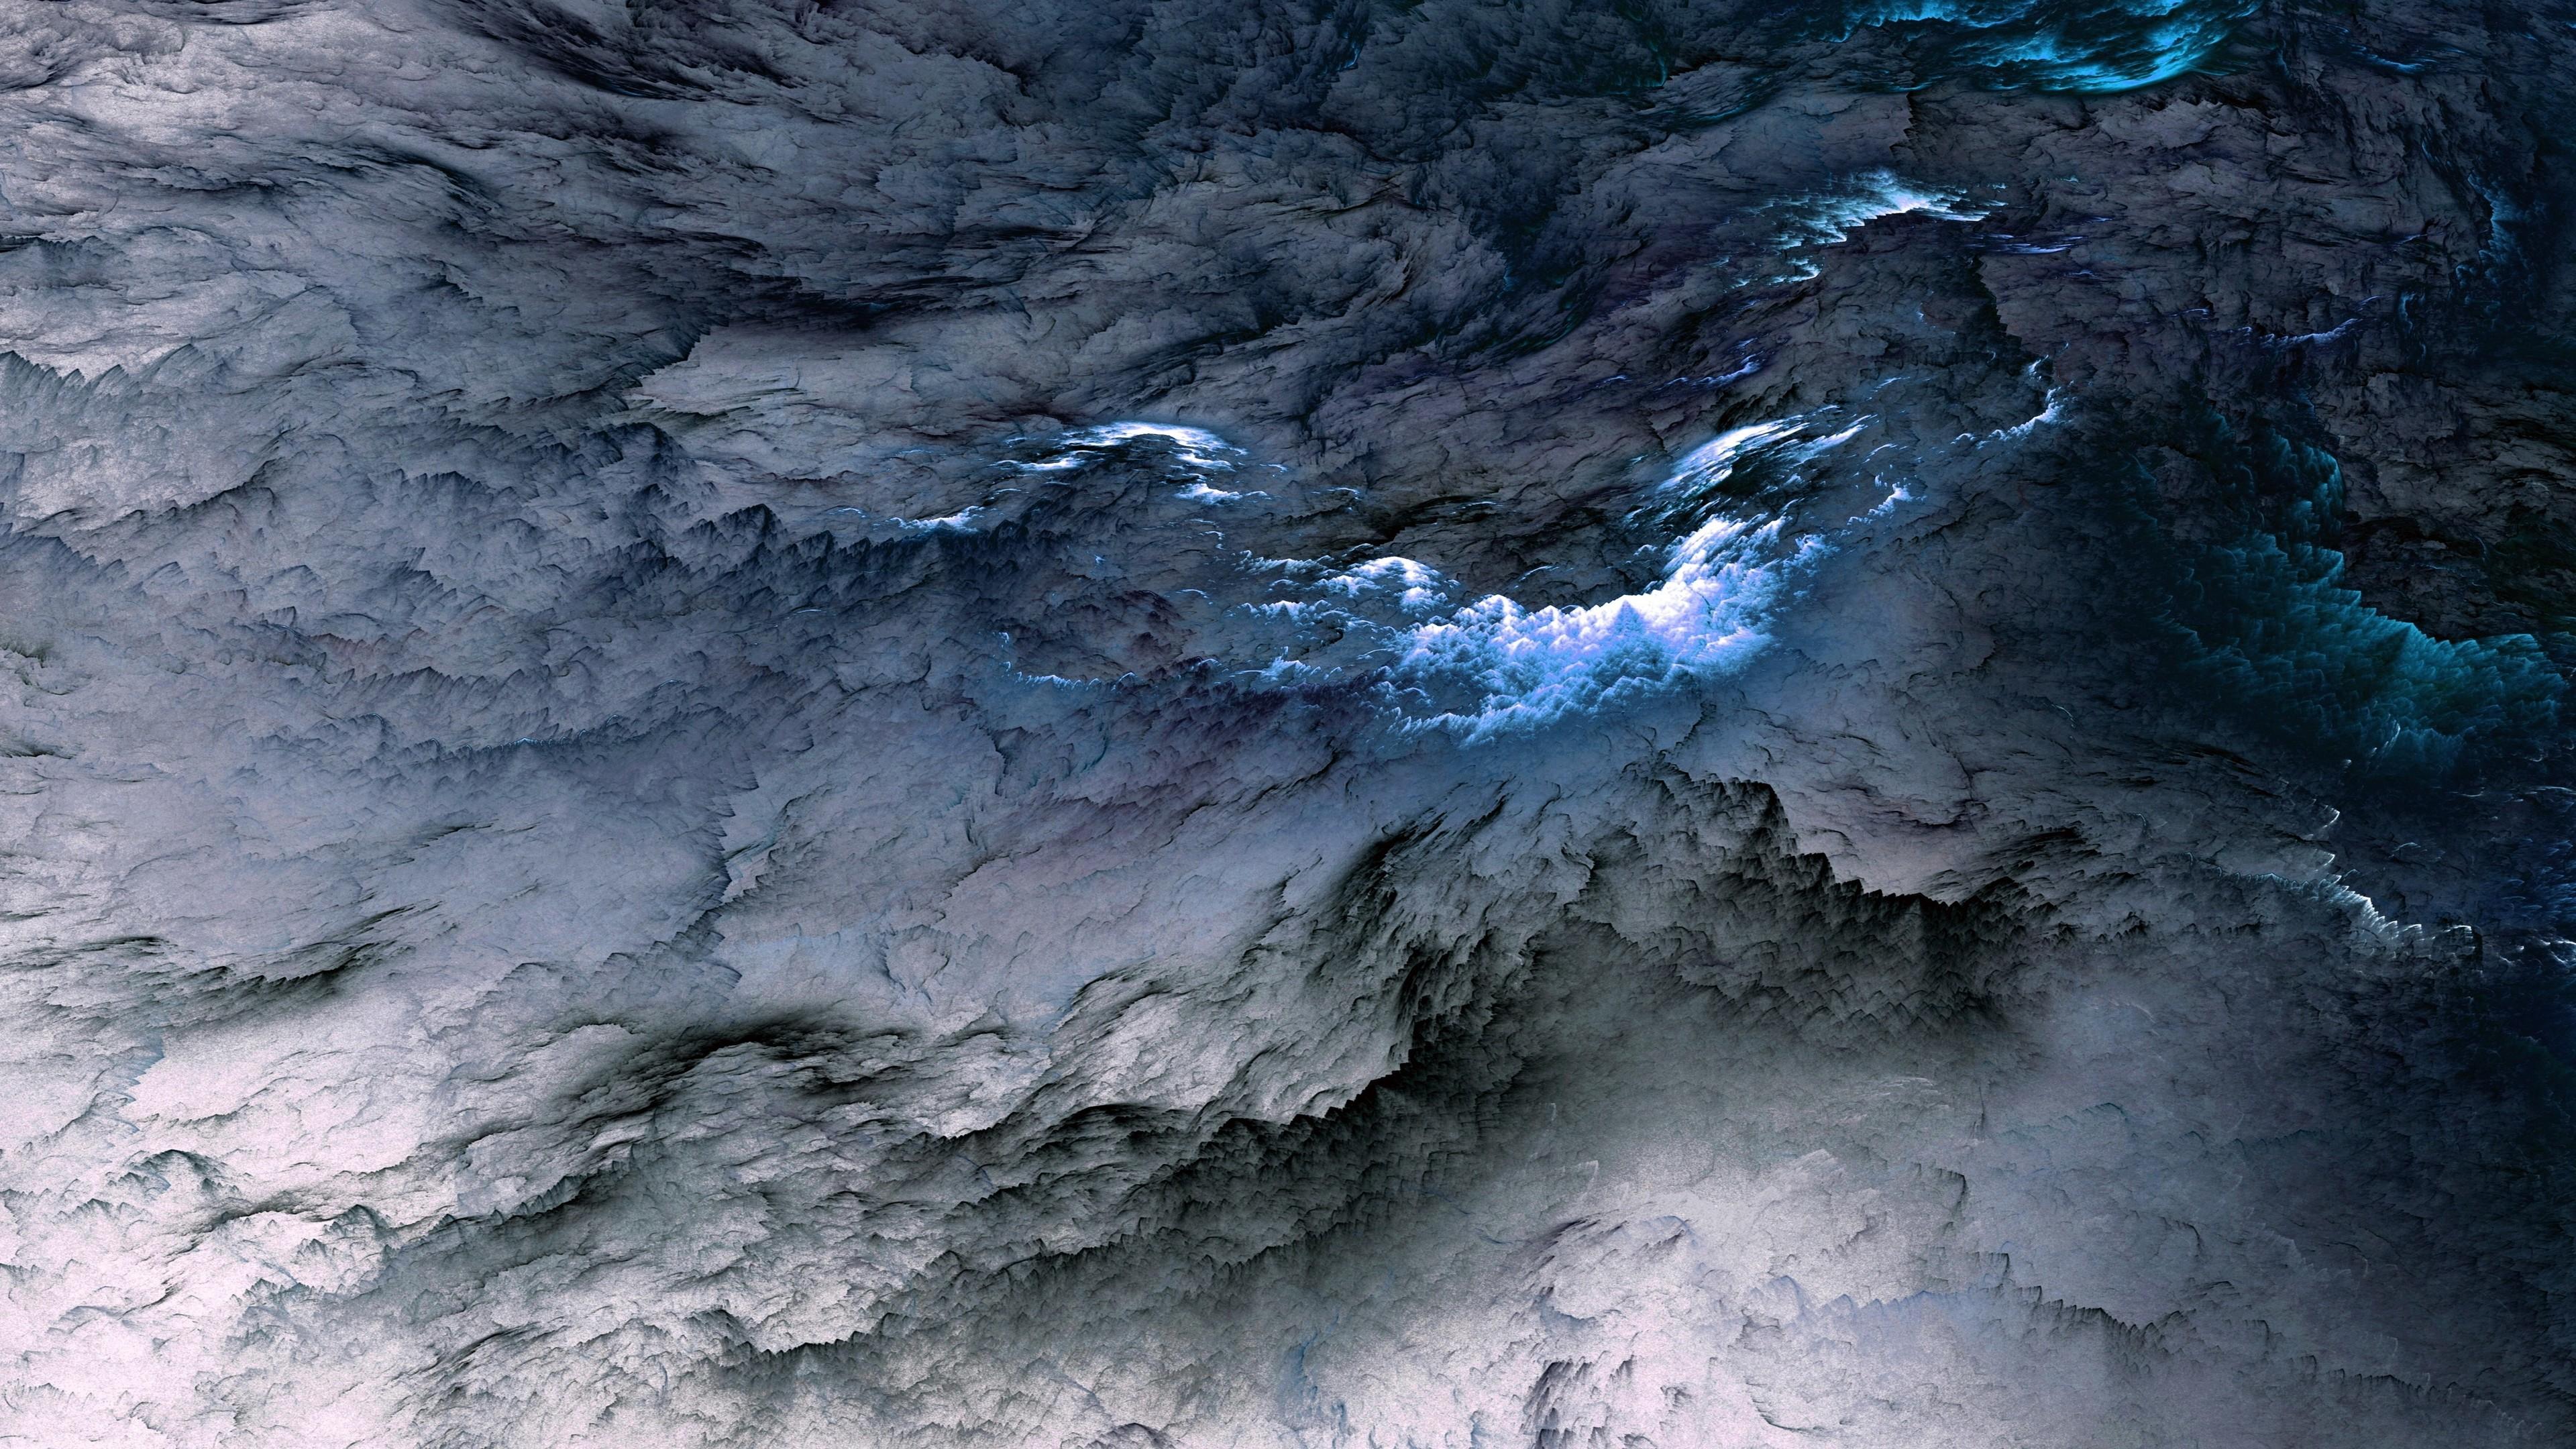 blue white clouds 4k 1540748643 - Blue White Clouds 4k - digital art wallpapers, clouds wallpapers, artist wallpapers